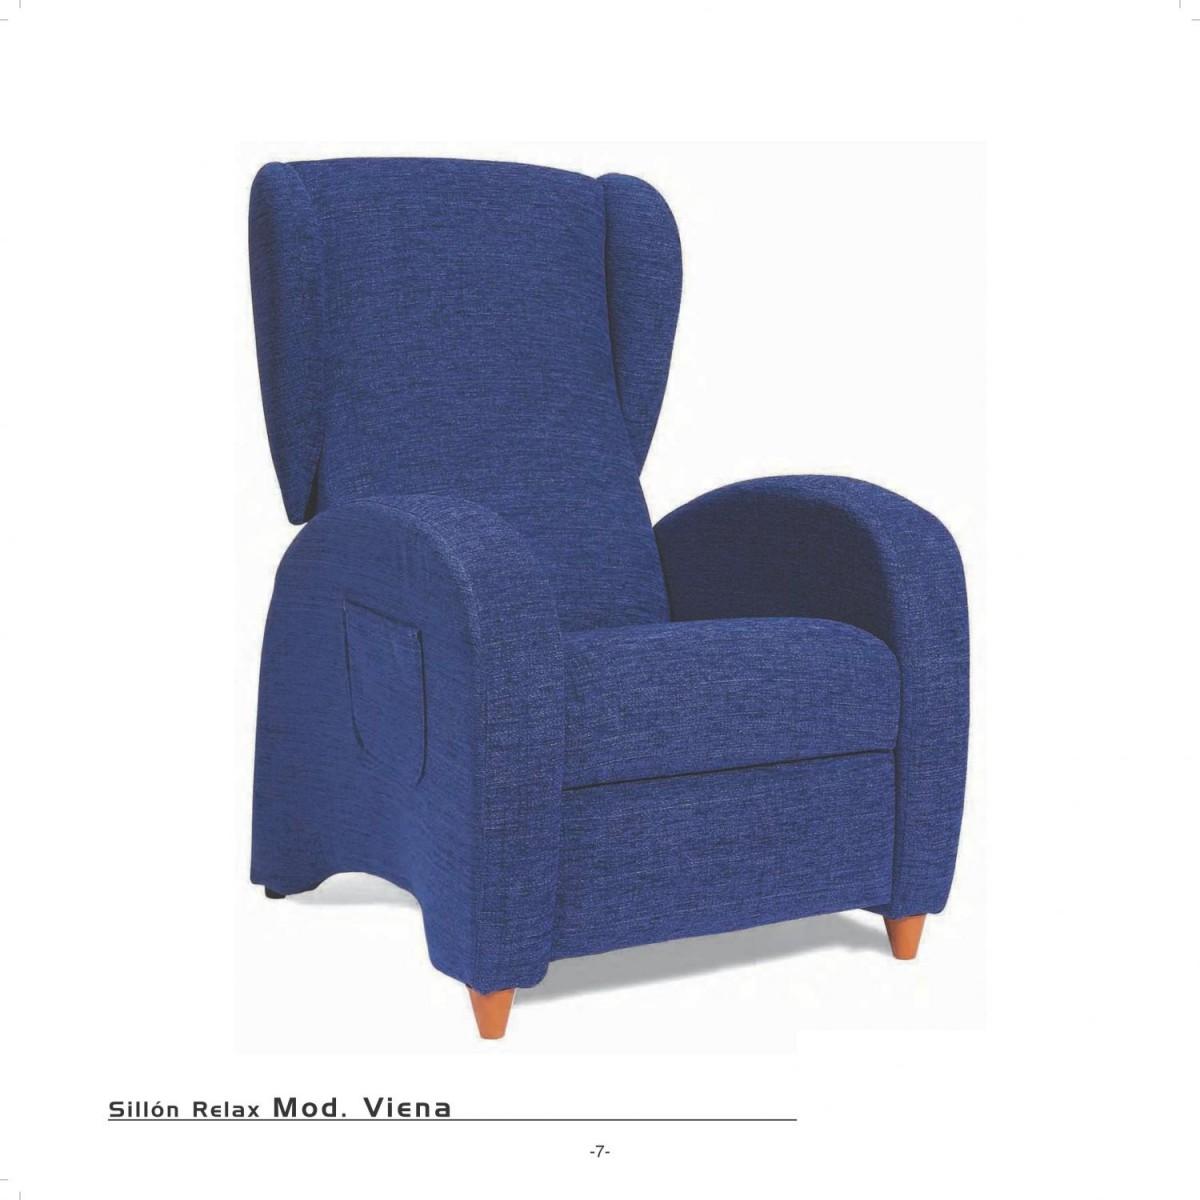 Sillon relax motor elevable muebles valencia - Sillon relax moderno ...